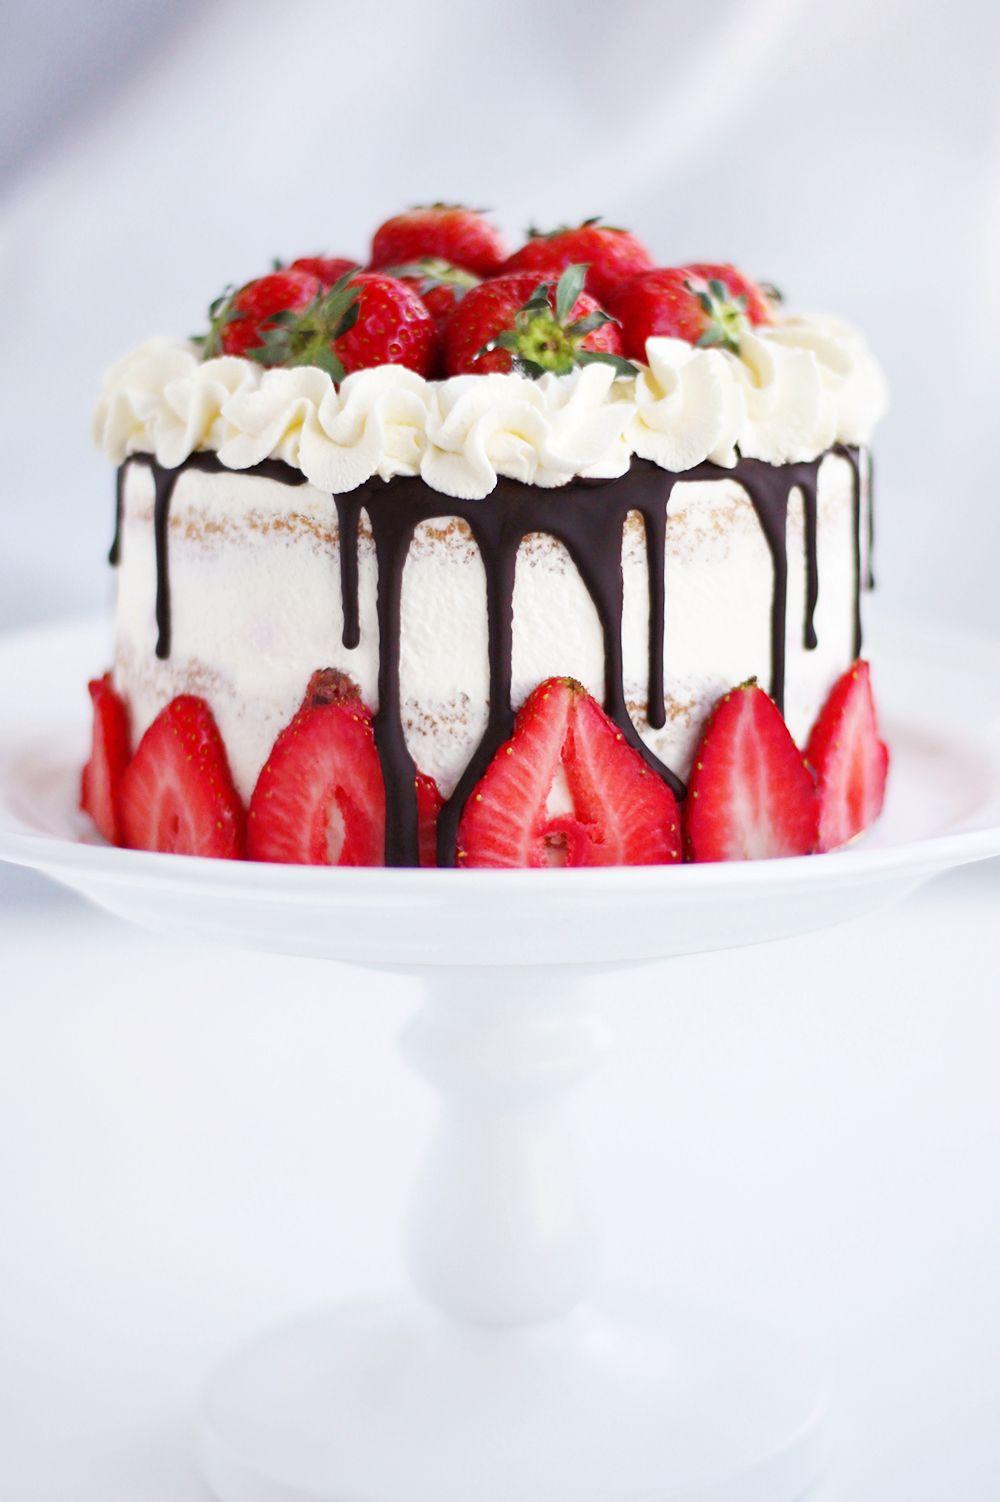 jordgubbsmousse utan gelatin